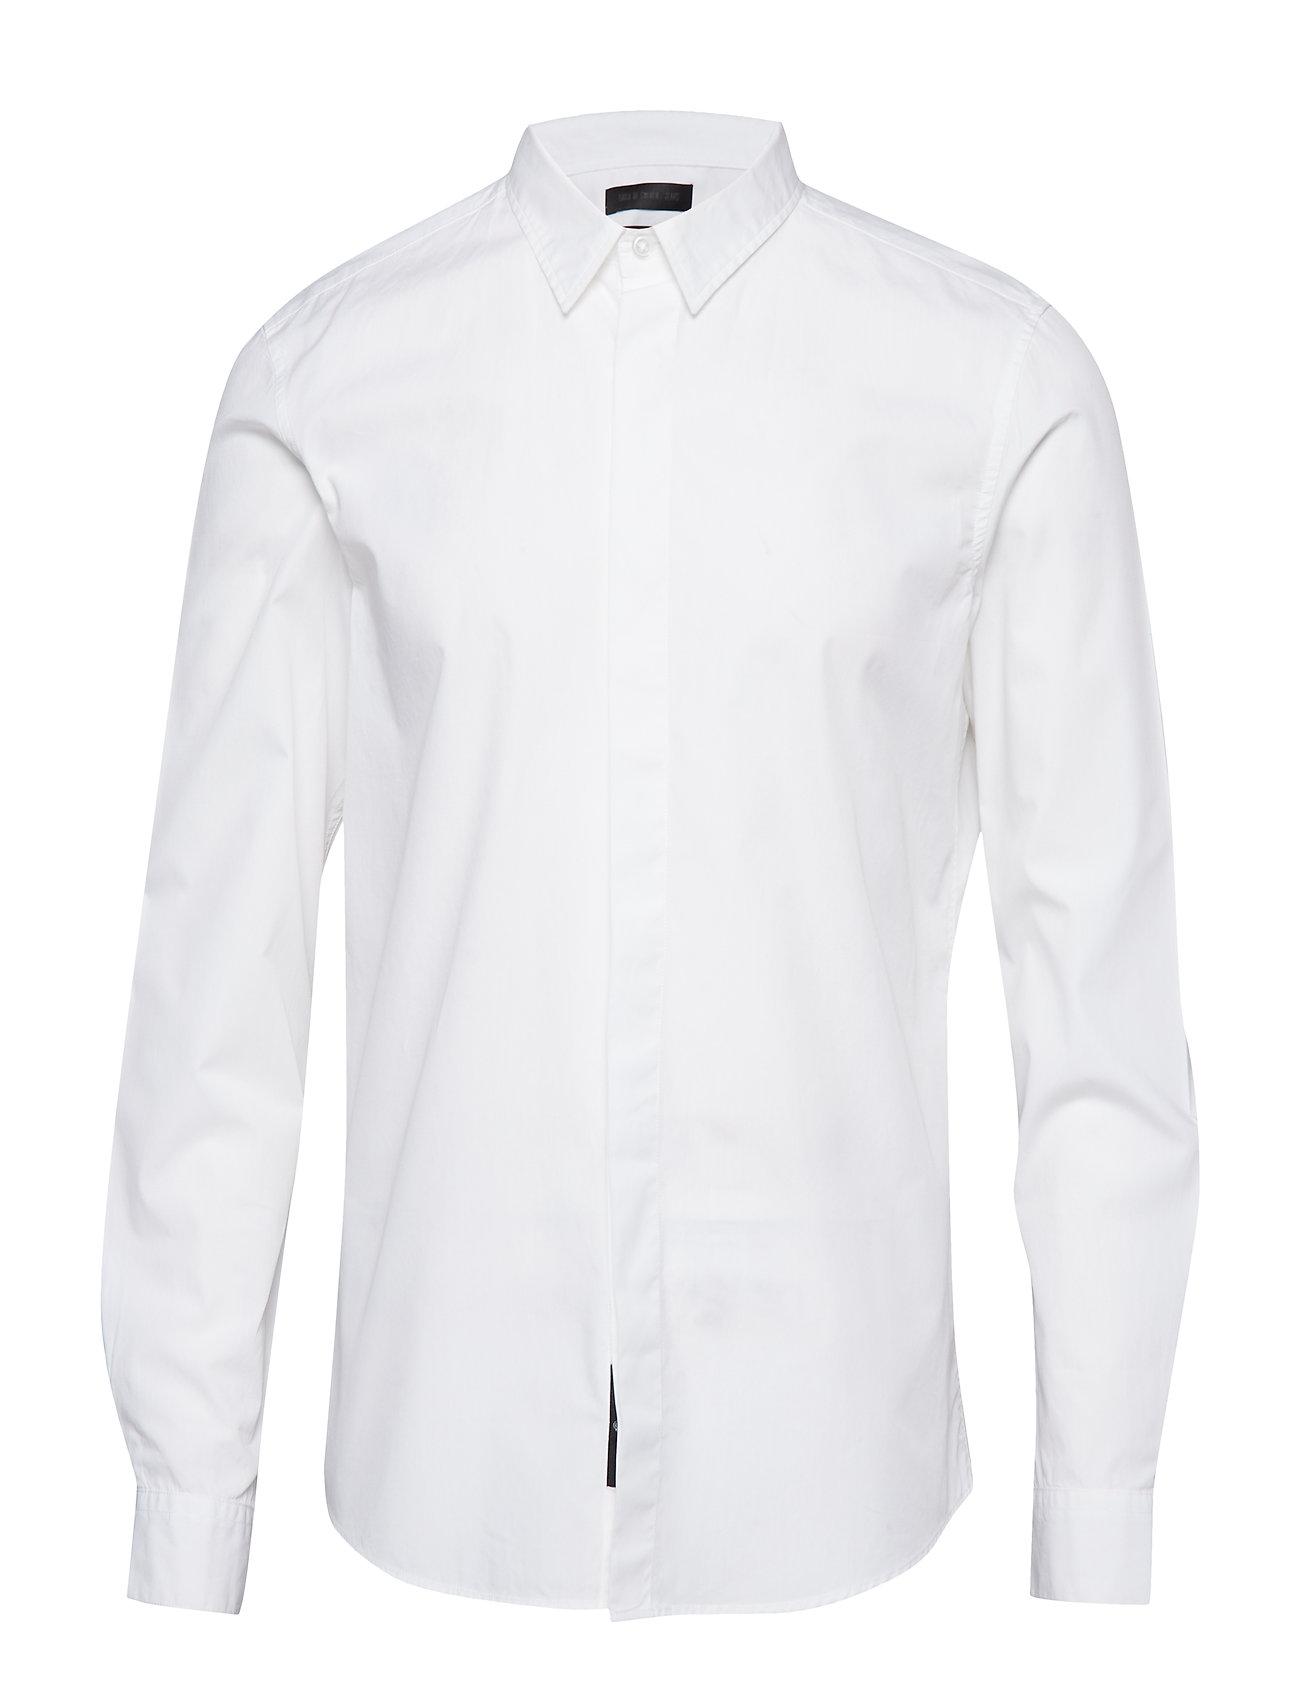 4ee272c4f5e Karlo business skjorter fra Tiger of Sweden Jeans til herre i Hvid ...